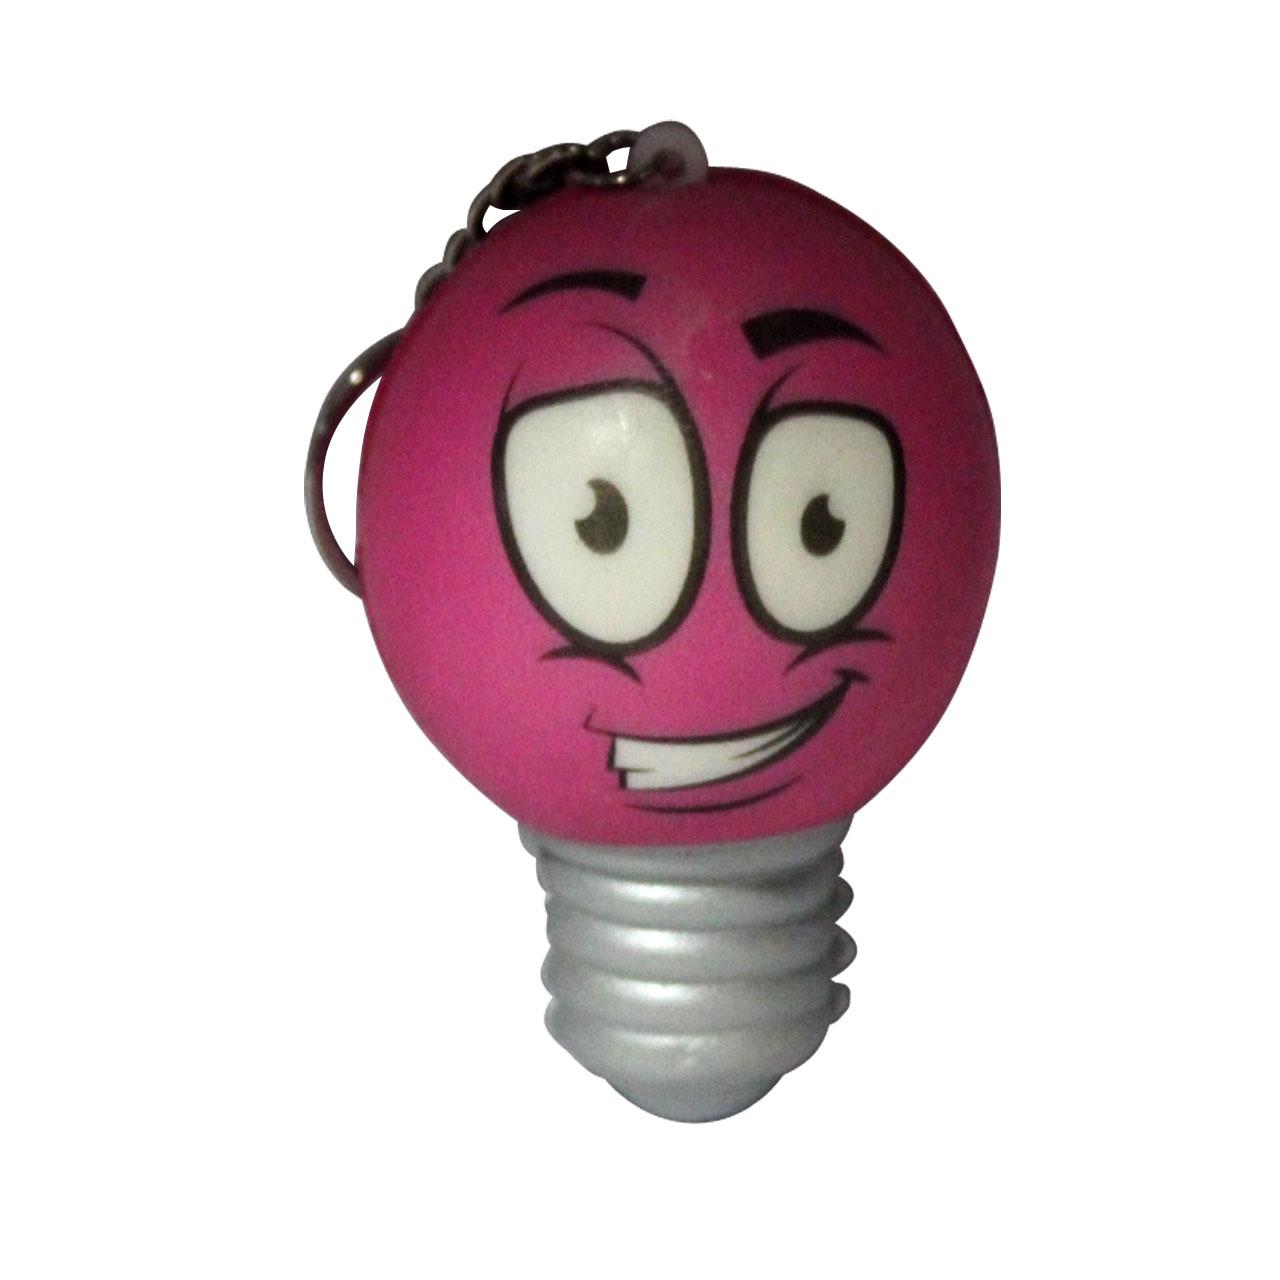 اسکوییشی مدل لامپ کد 3 main 1 2